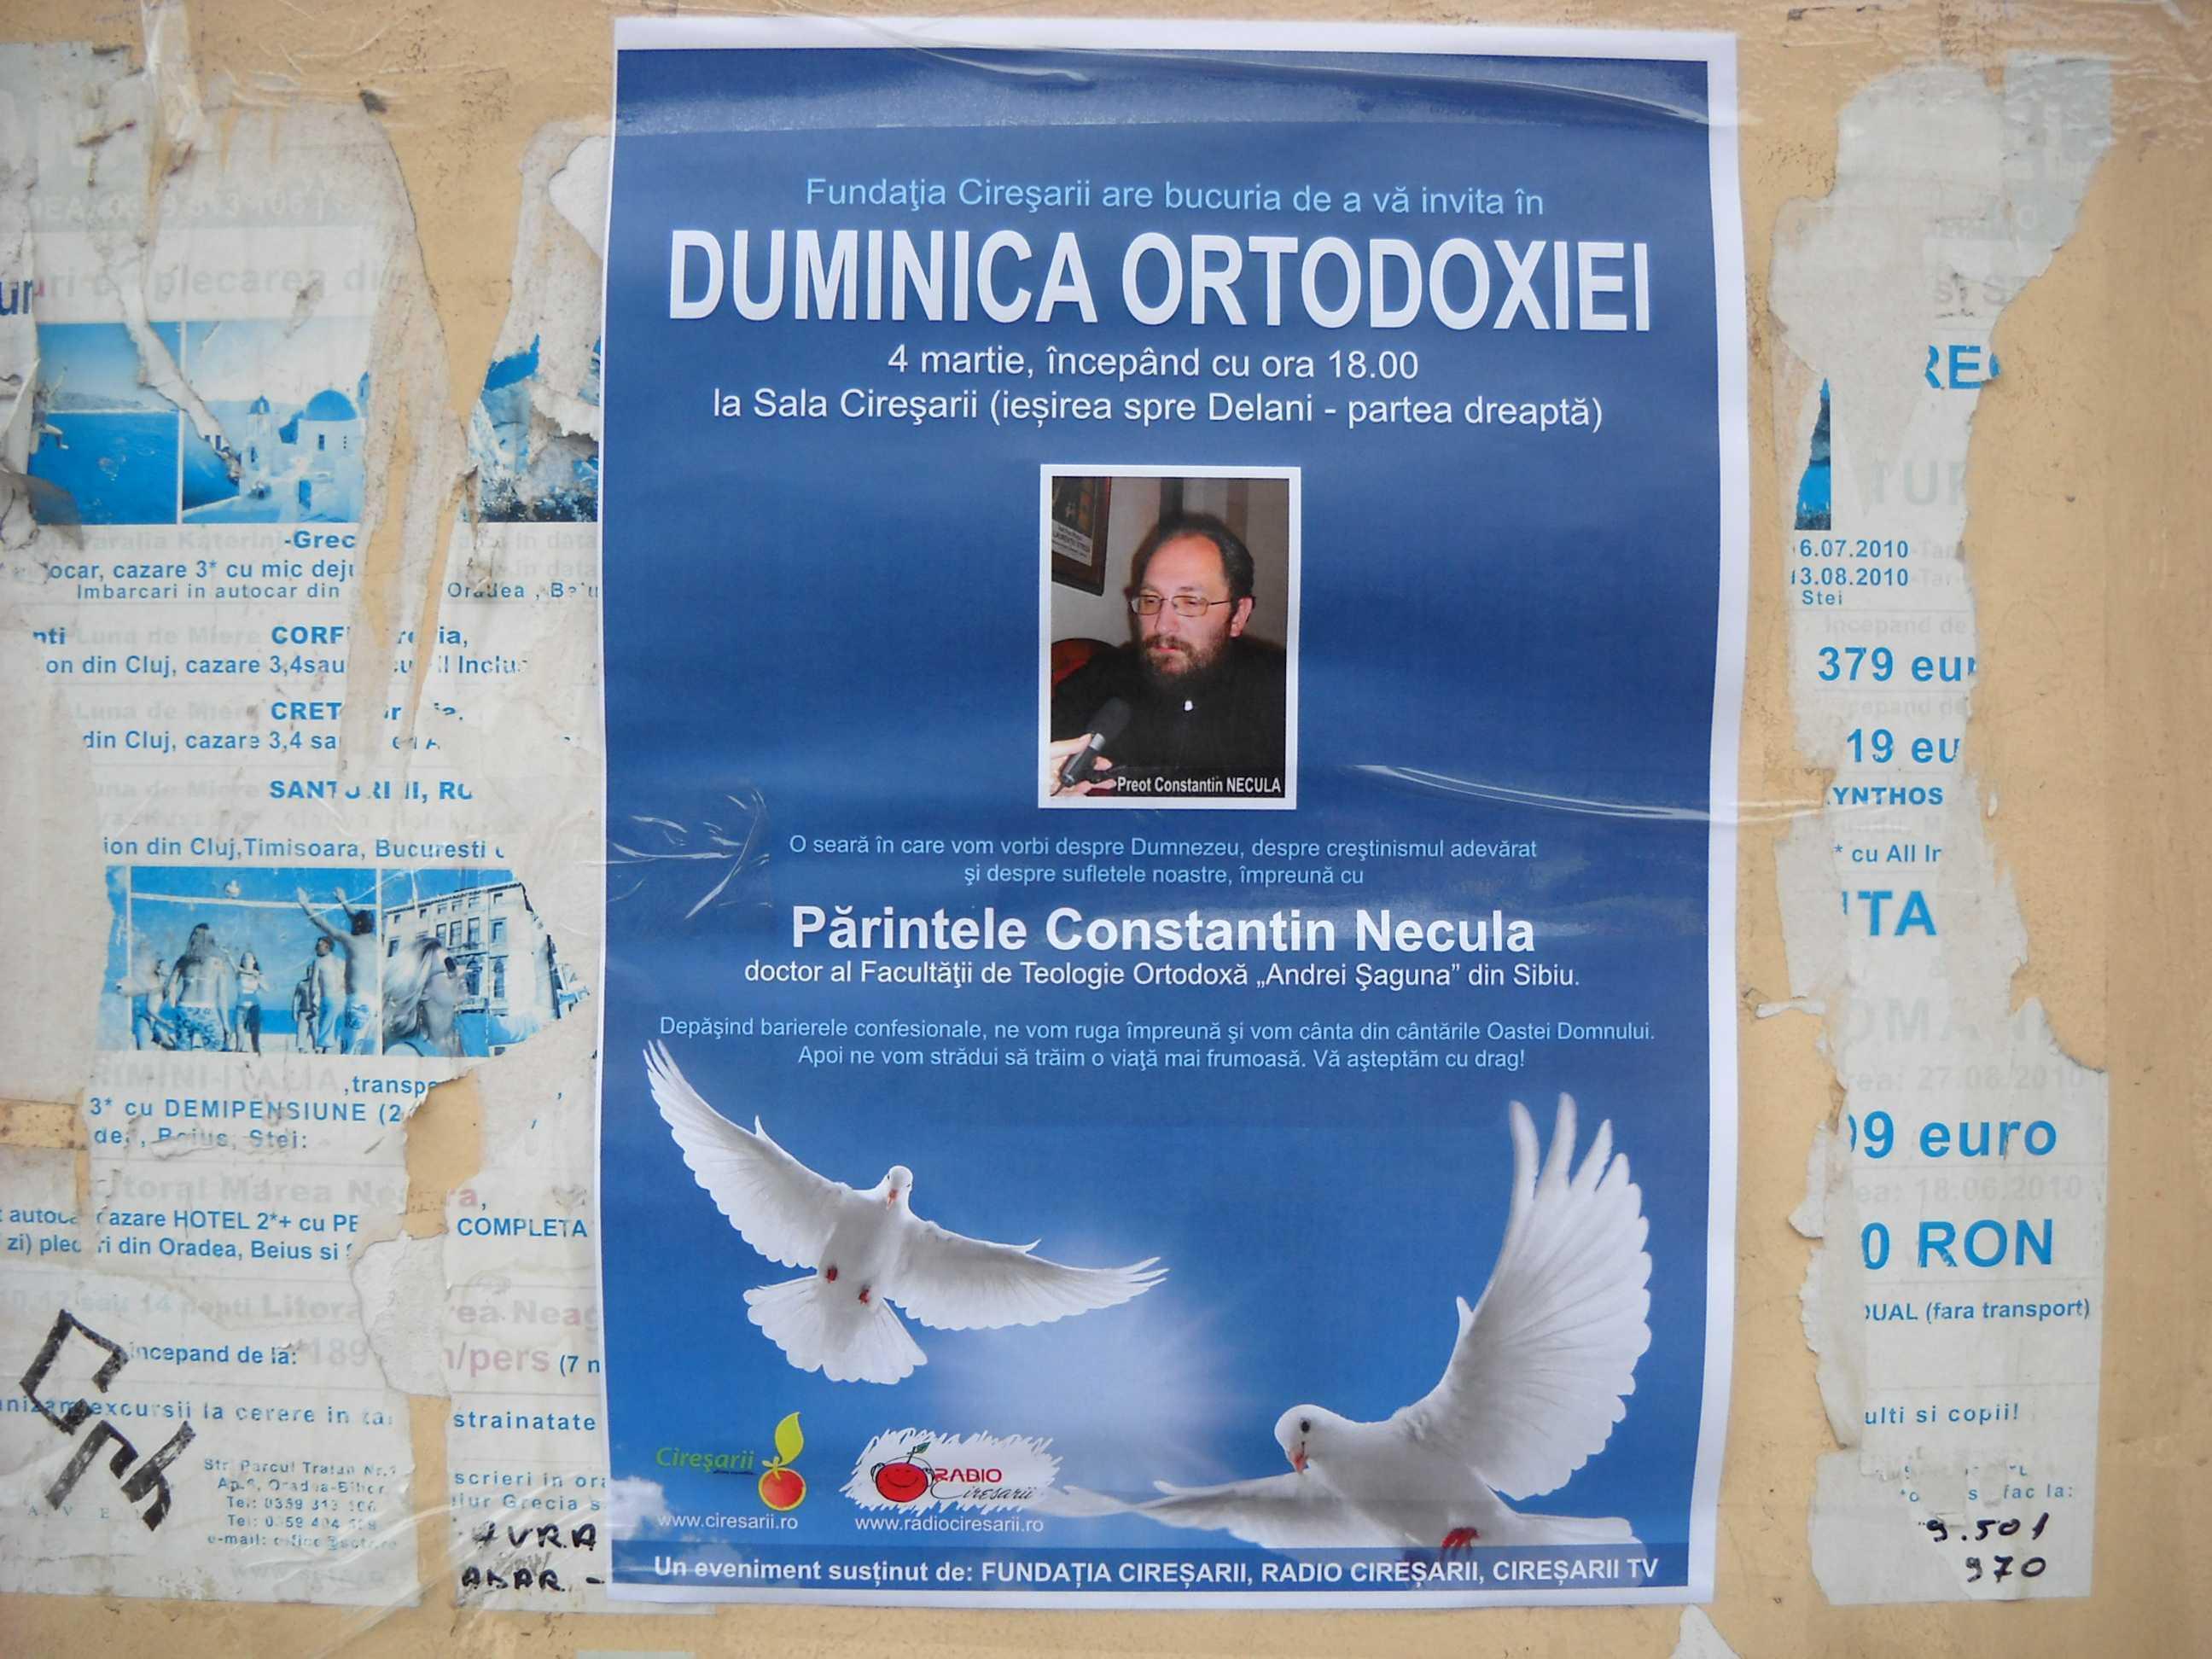 """PREOTUL CONSTANTIN NECULA conferentiaza la SECTARII PENTICOSTALI DIN BEIUS in Duminica Ortodoxiei, sub semnul <i>""""depasirii barierelor confesionale""""</i>"""